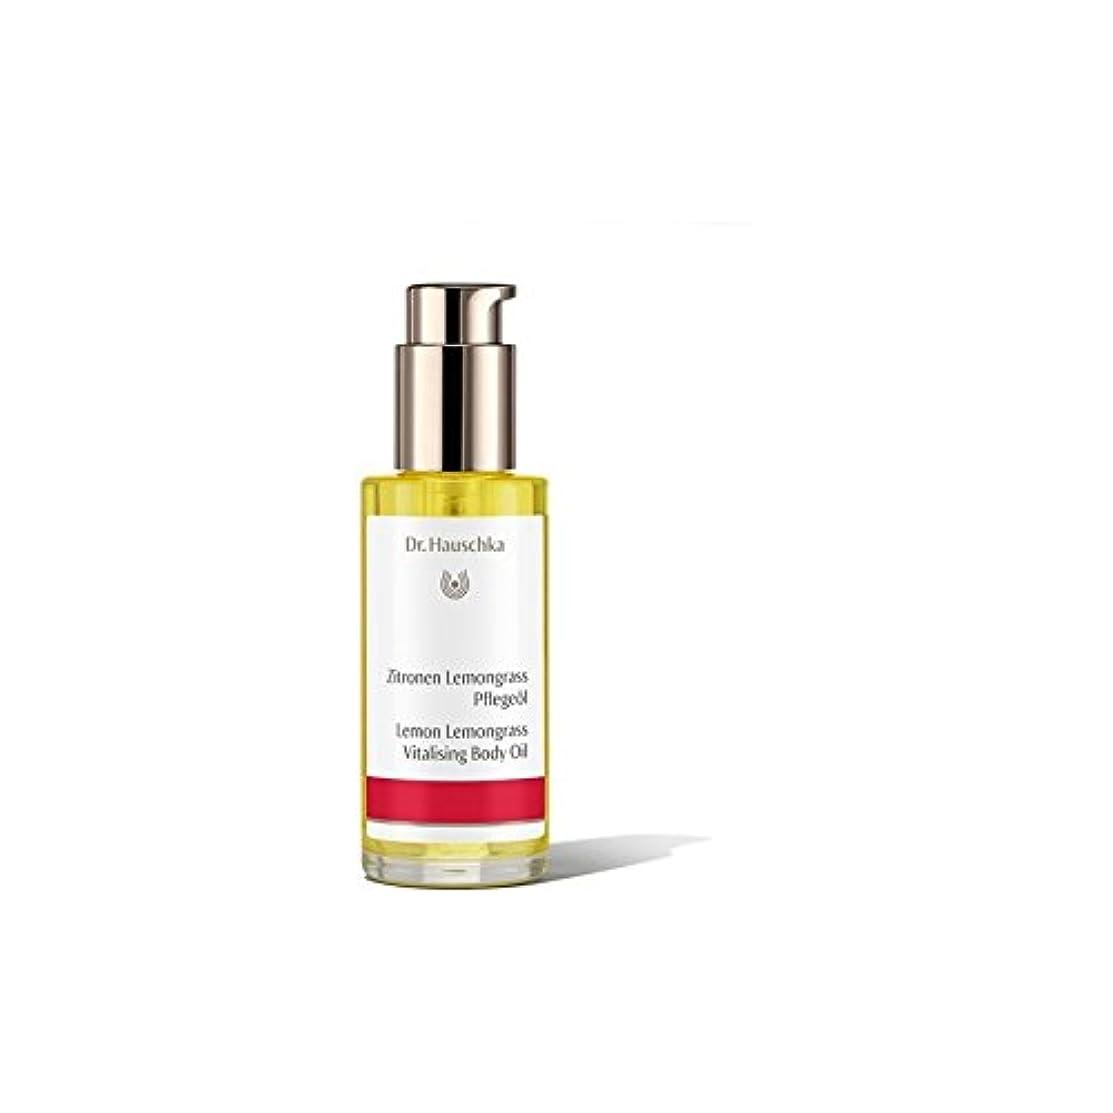 比較危険な異邦人Dr. Hauschka Lemon Lemongrass Vitalising Body Oil (75ml) - ハウシュカレモンレモングラスボディオイル(75ミリリットル) [並行輸入品]